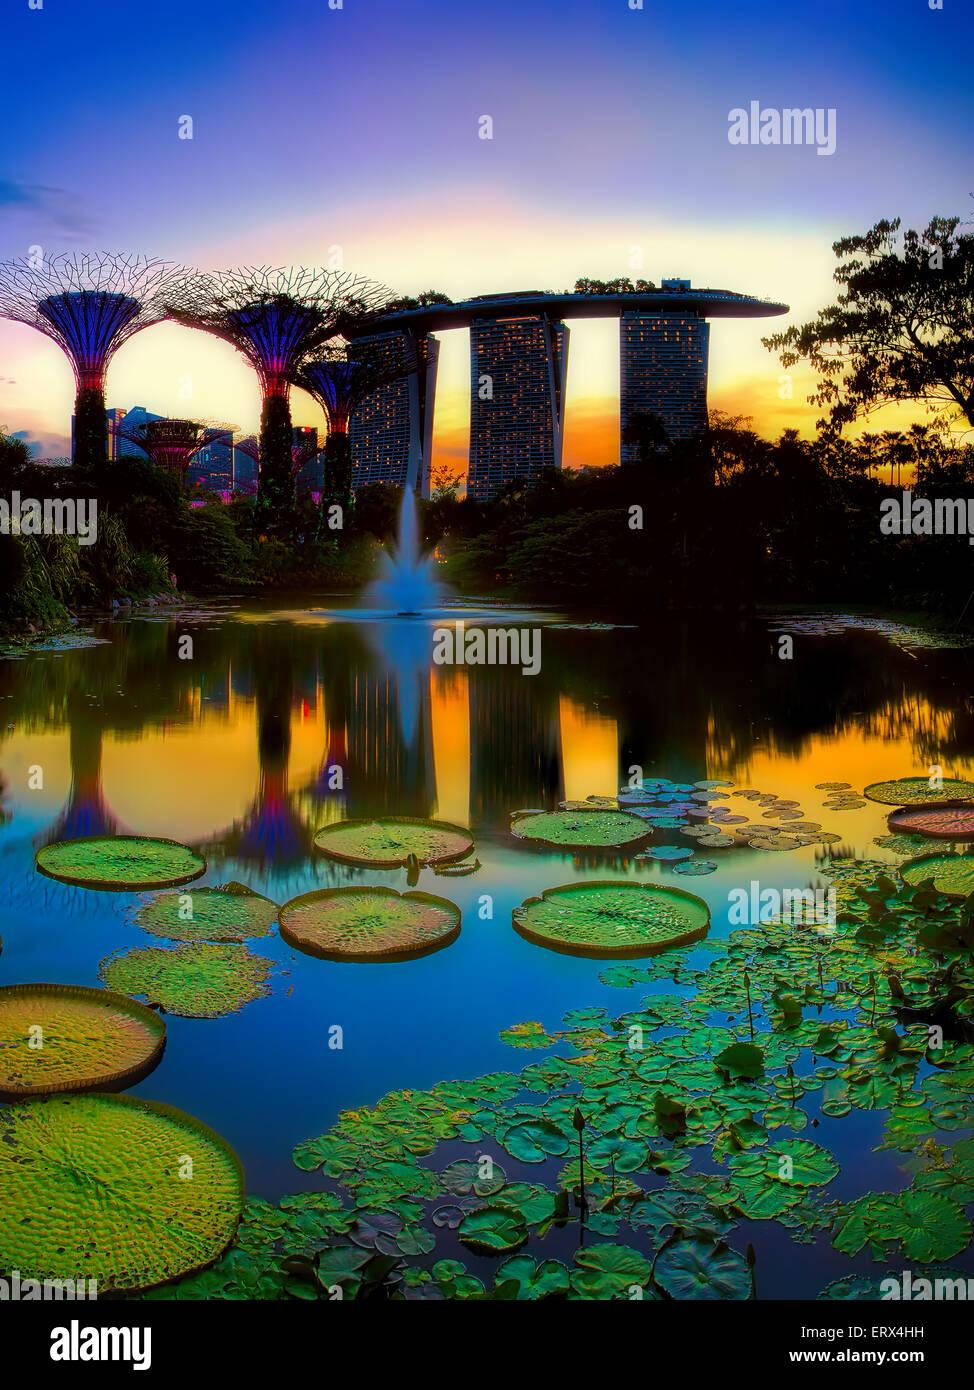 Singapour - JUIN 07: Soirée voir d'eau étang, et Marina Bay Sands dans les jardins de la baie Photo Stock